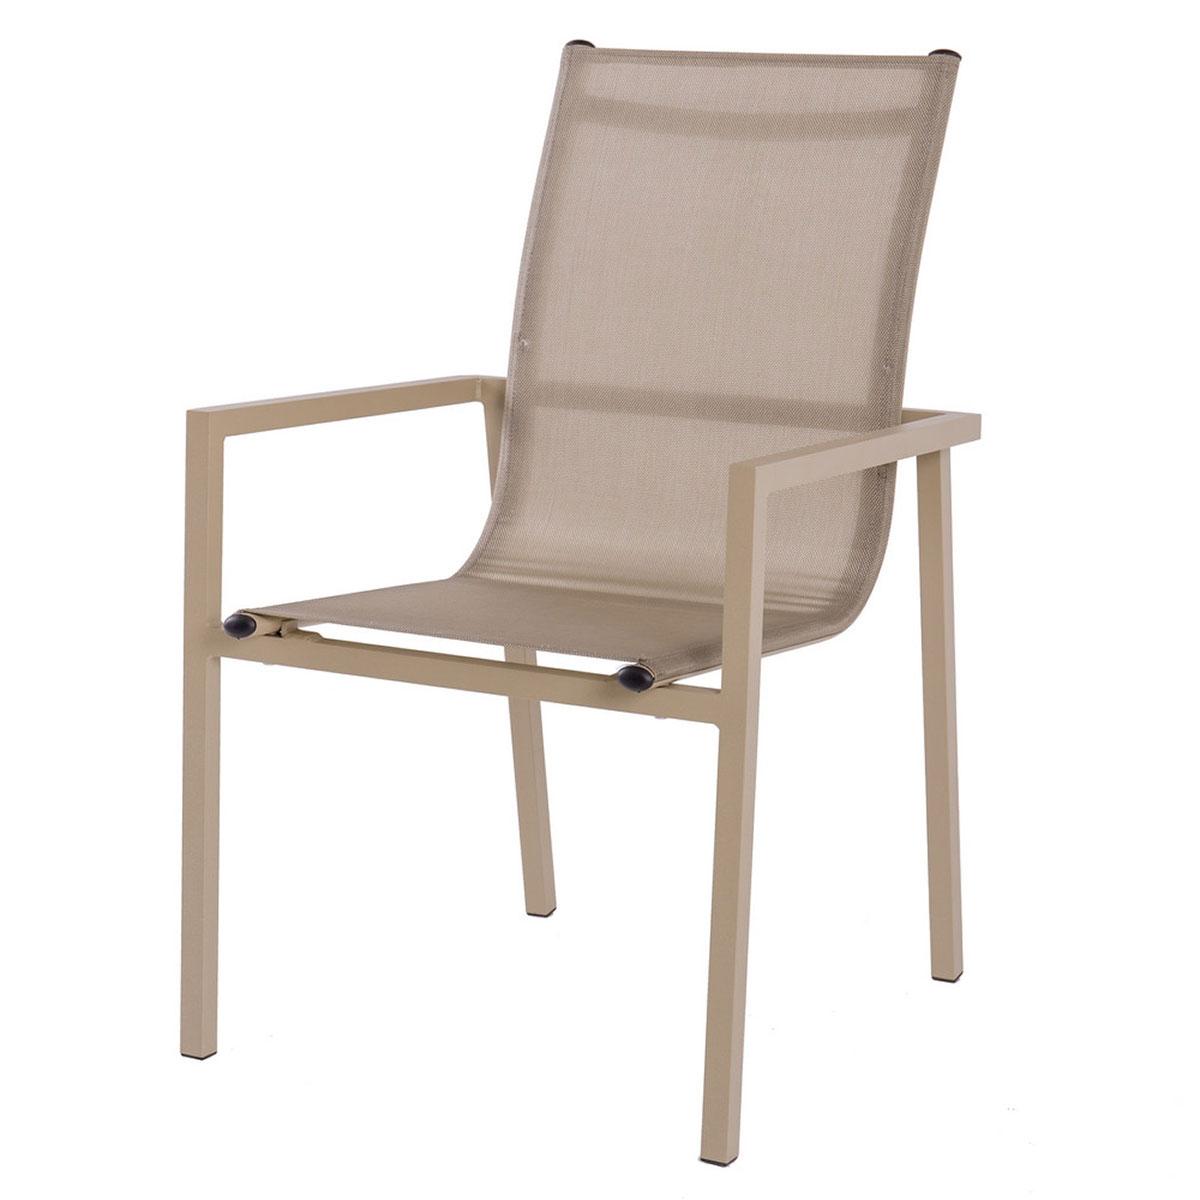 Lot de 2 chaises empilables en coloris champagne - Champagne - 57.00 cm x 56.50 cm x 92.50 cm